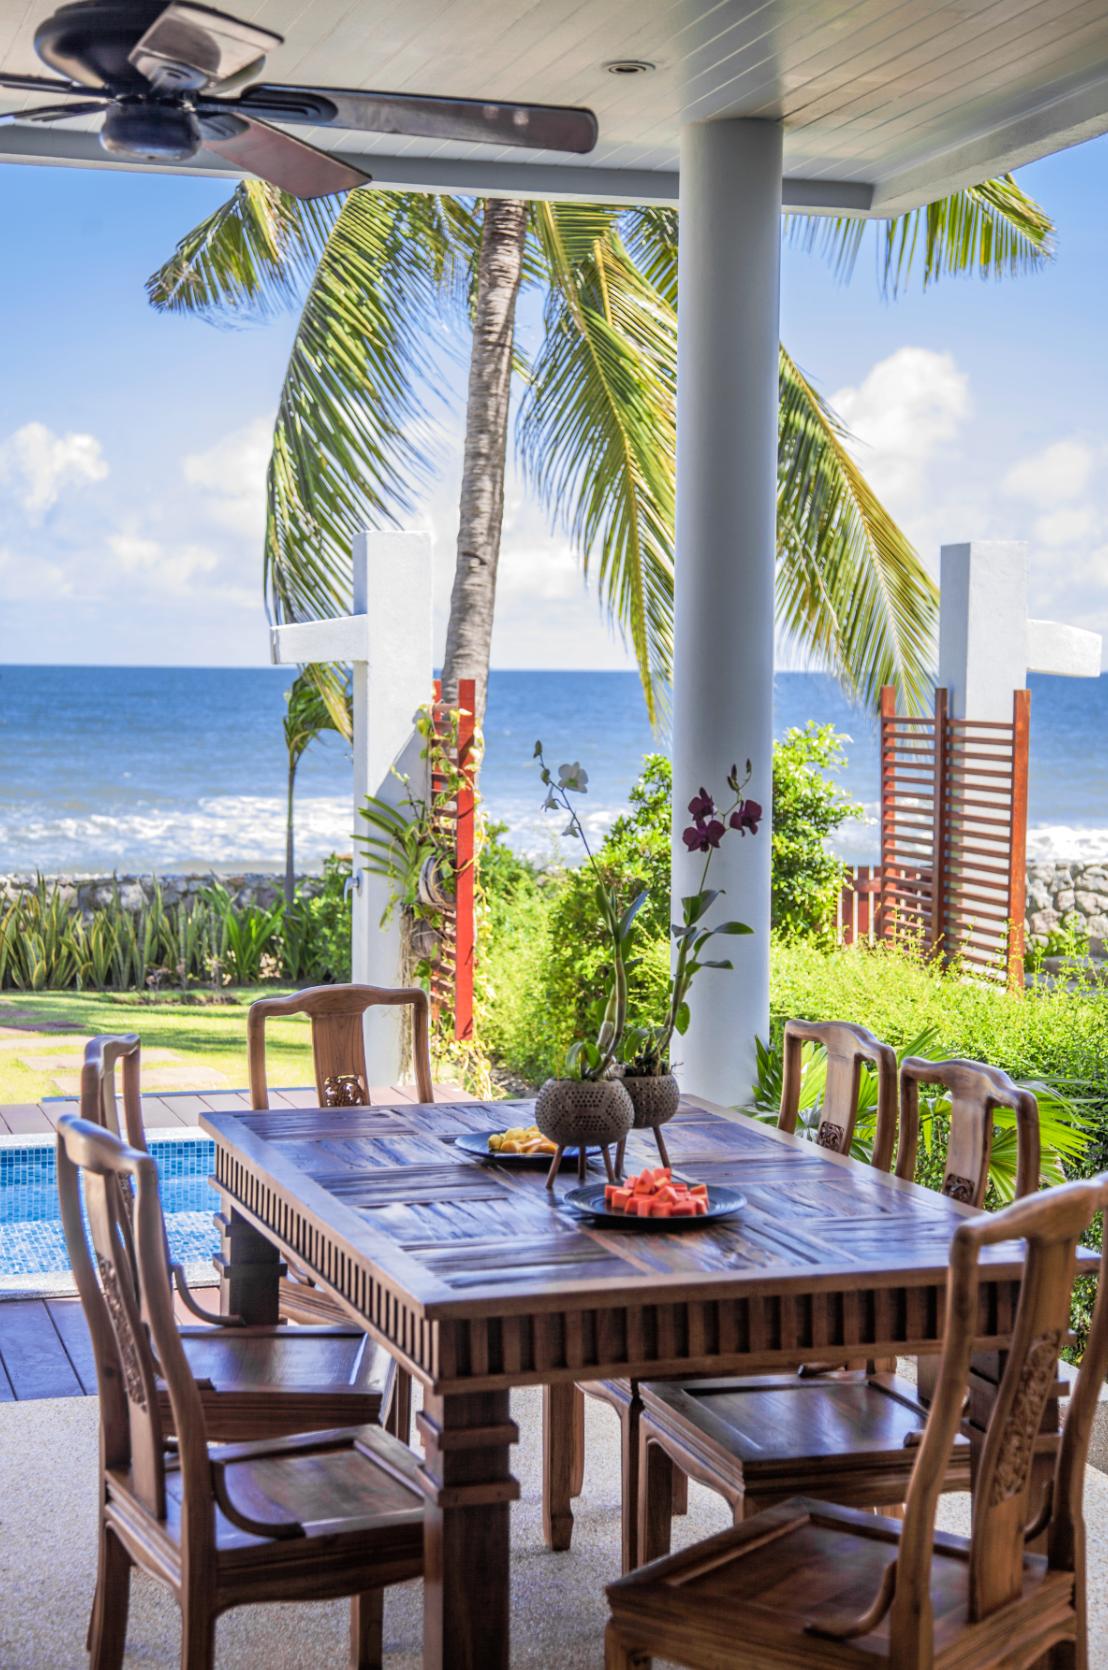 Matbordet på uteplatsen, med utsikt över havet från strandhuset.